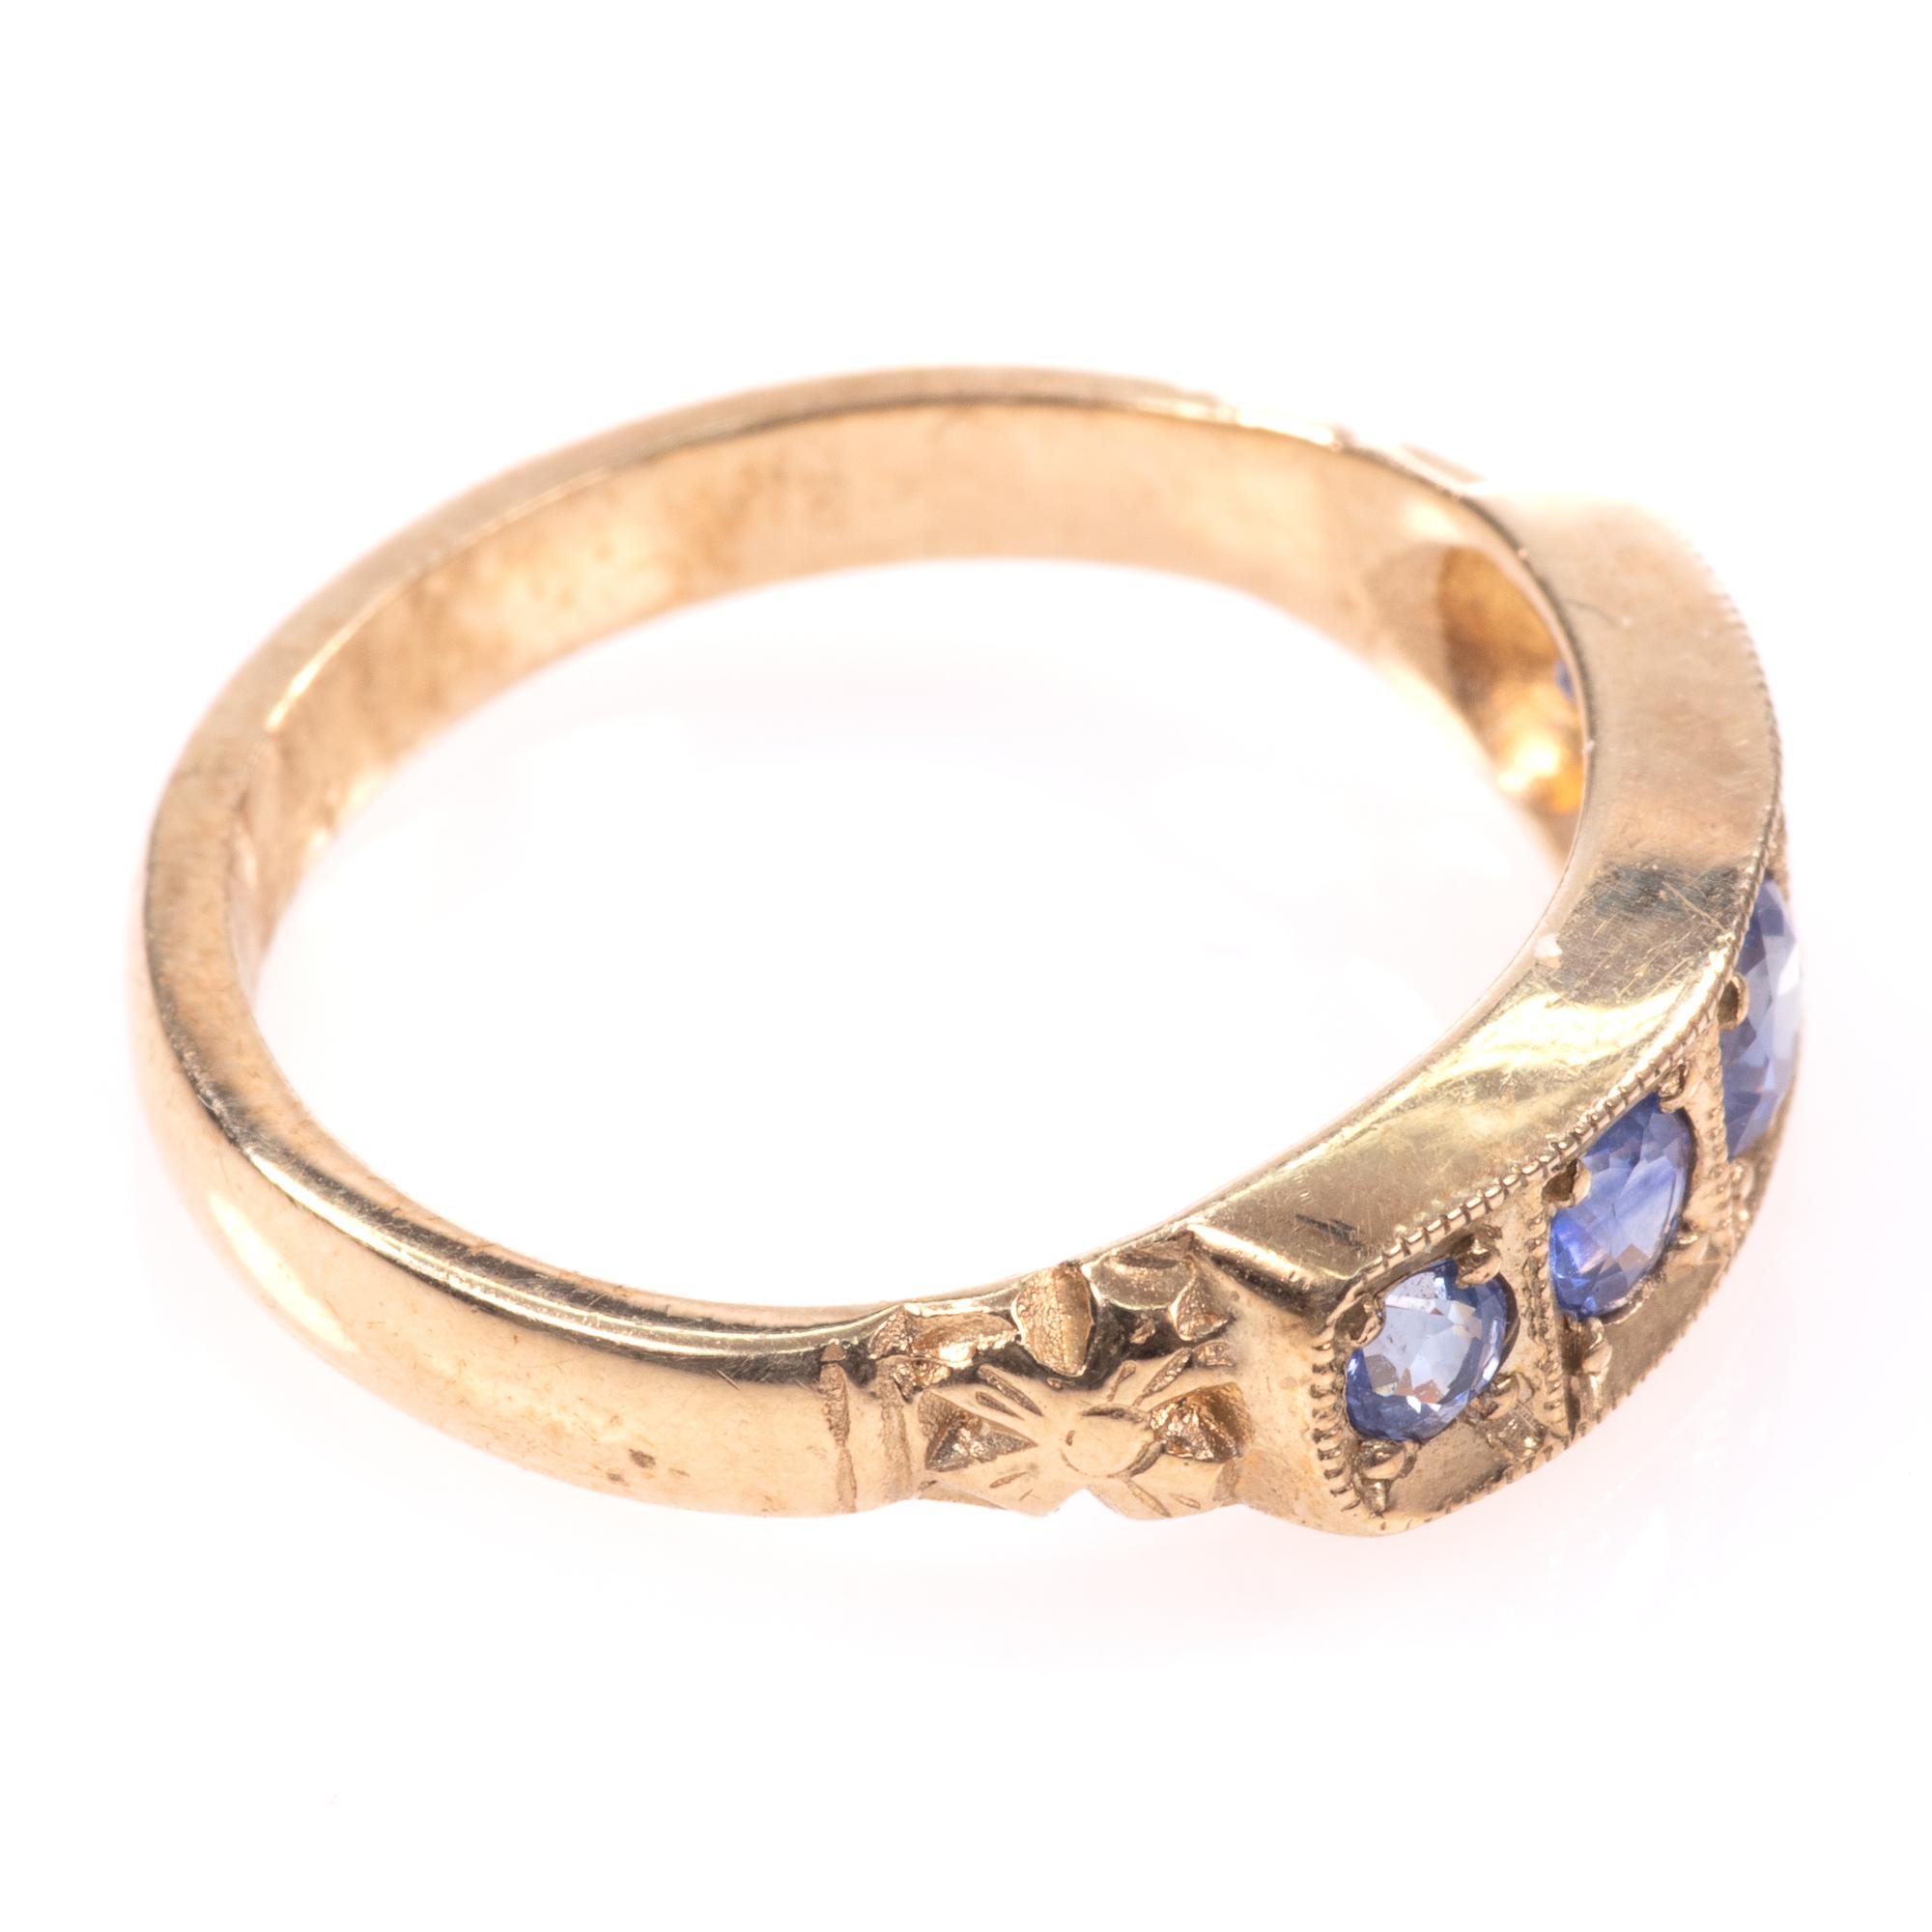 9ct Gold Aquamarine Ring - Image 8 of 8